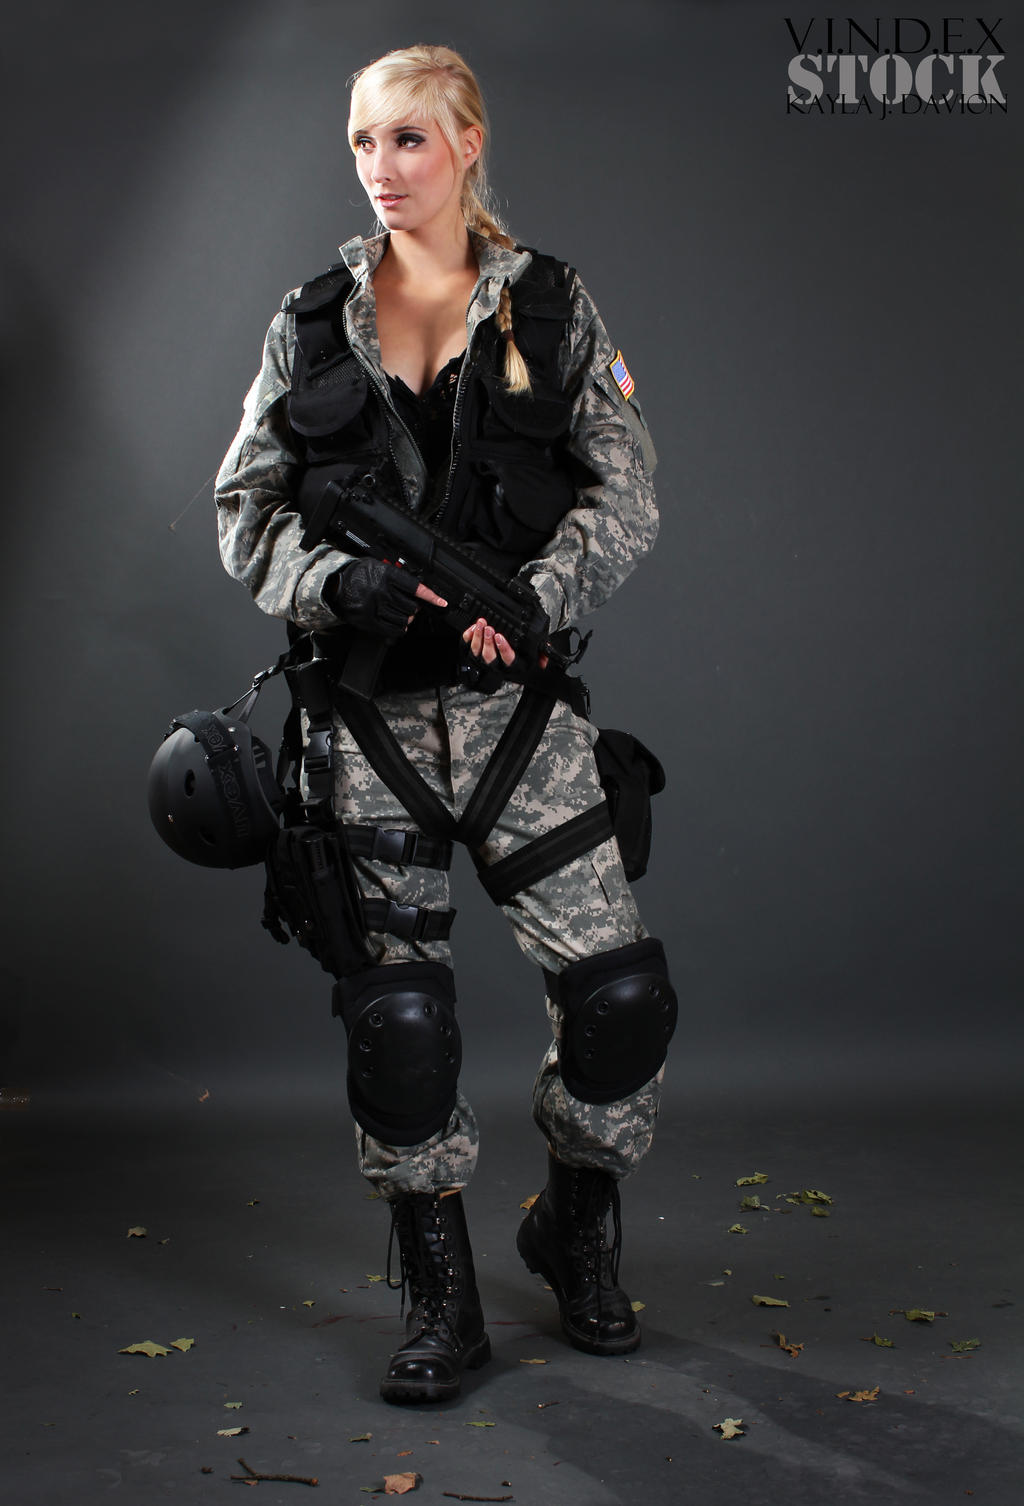 Female soldier that posing for hustler